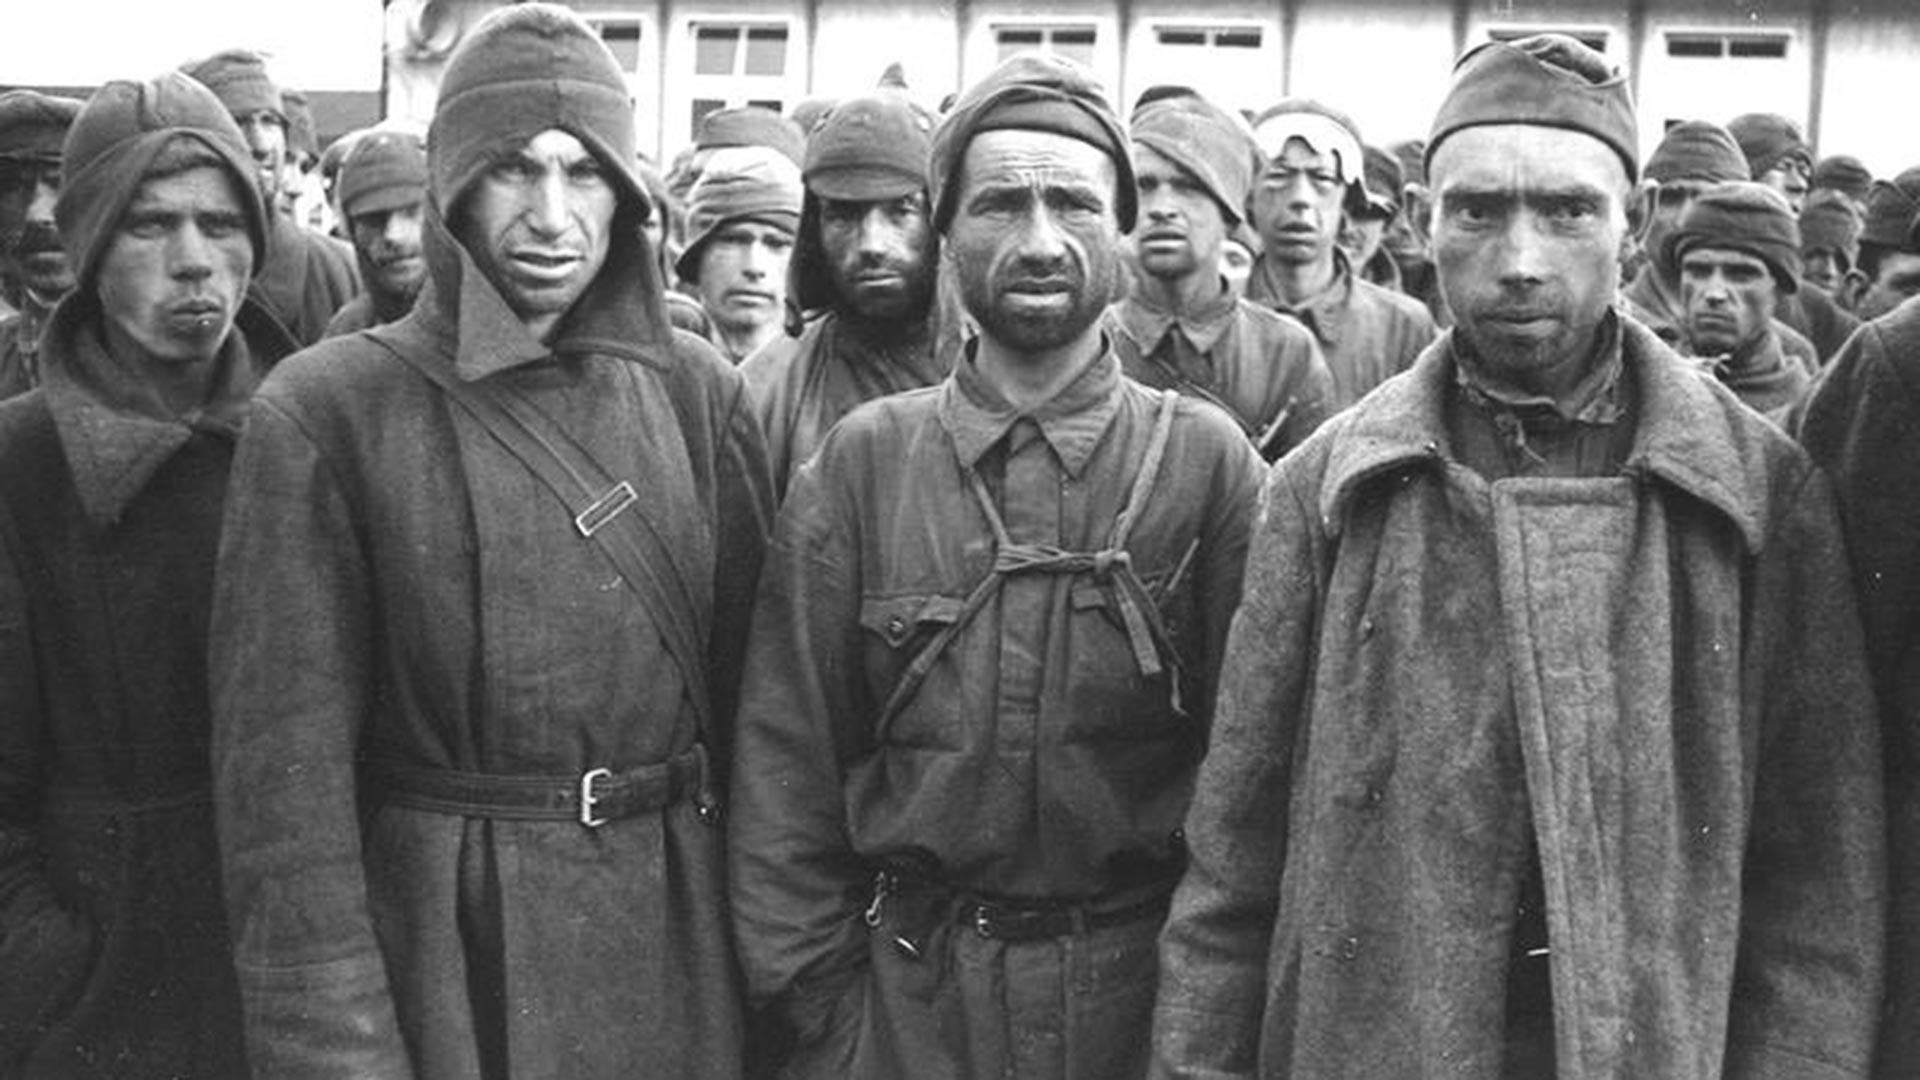 Prisonniers de guerre soviétiques dans le camp de Mauthausen